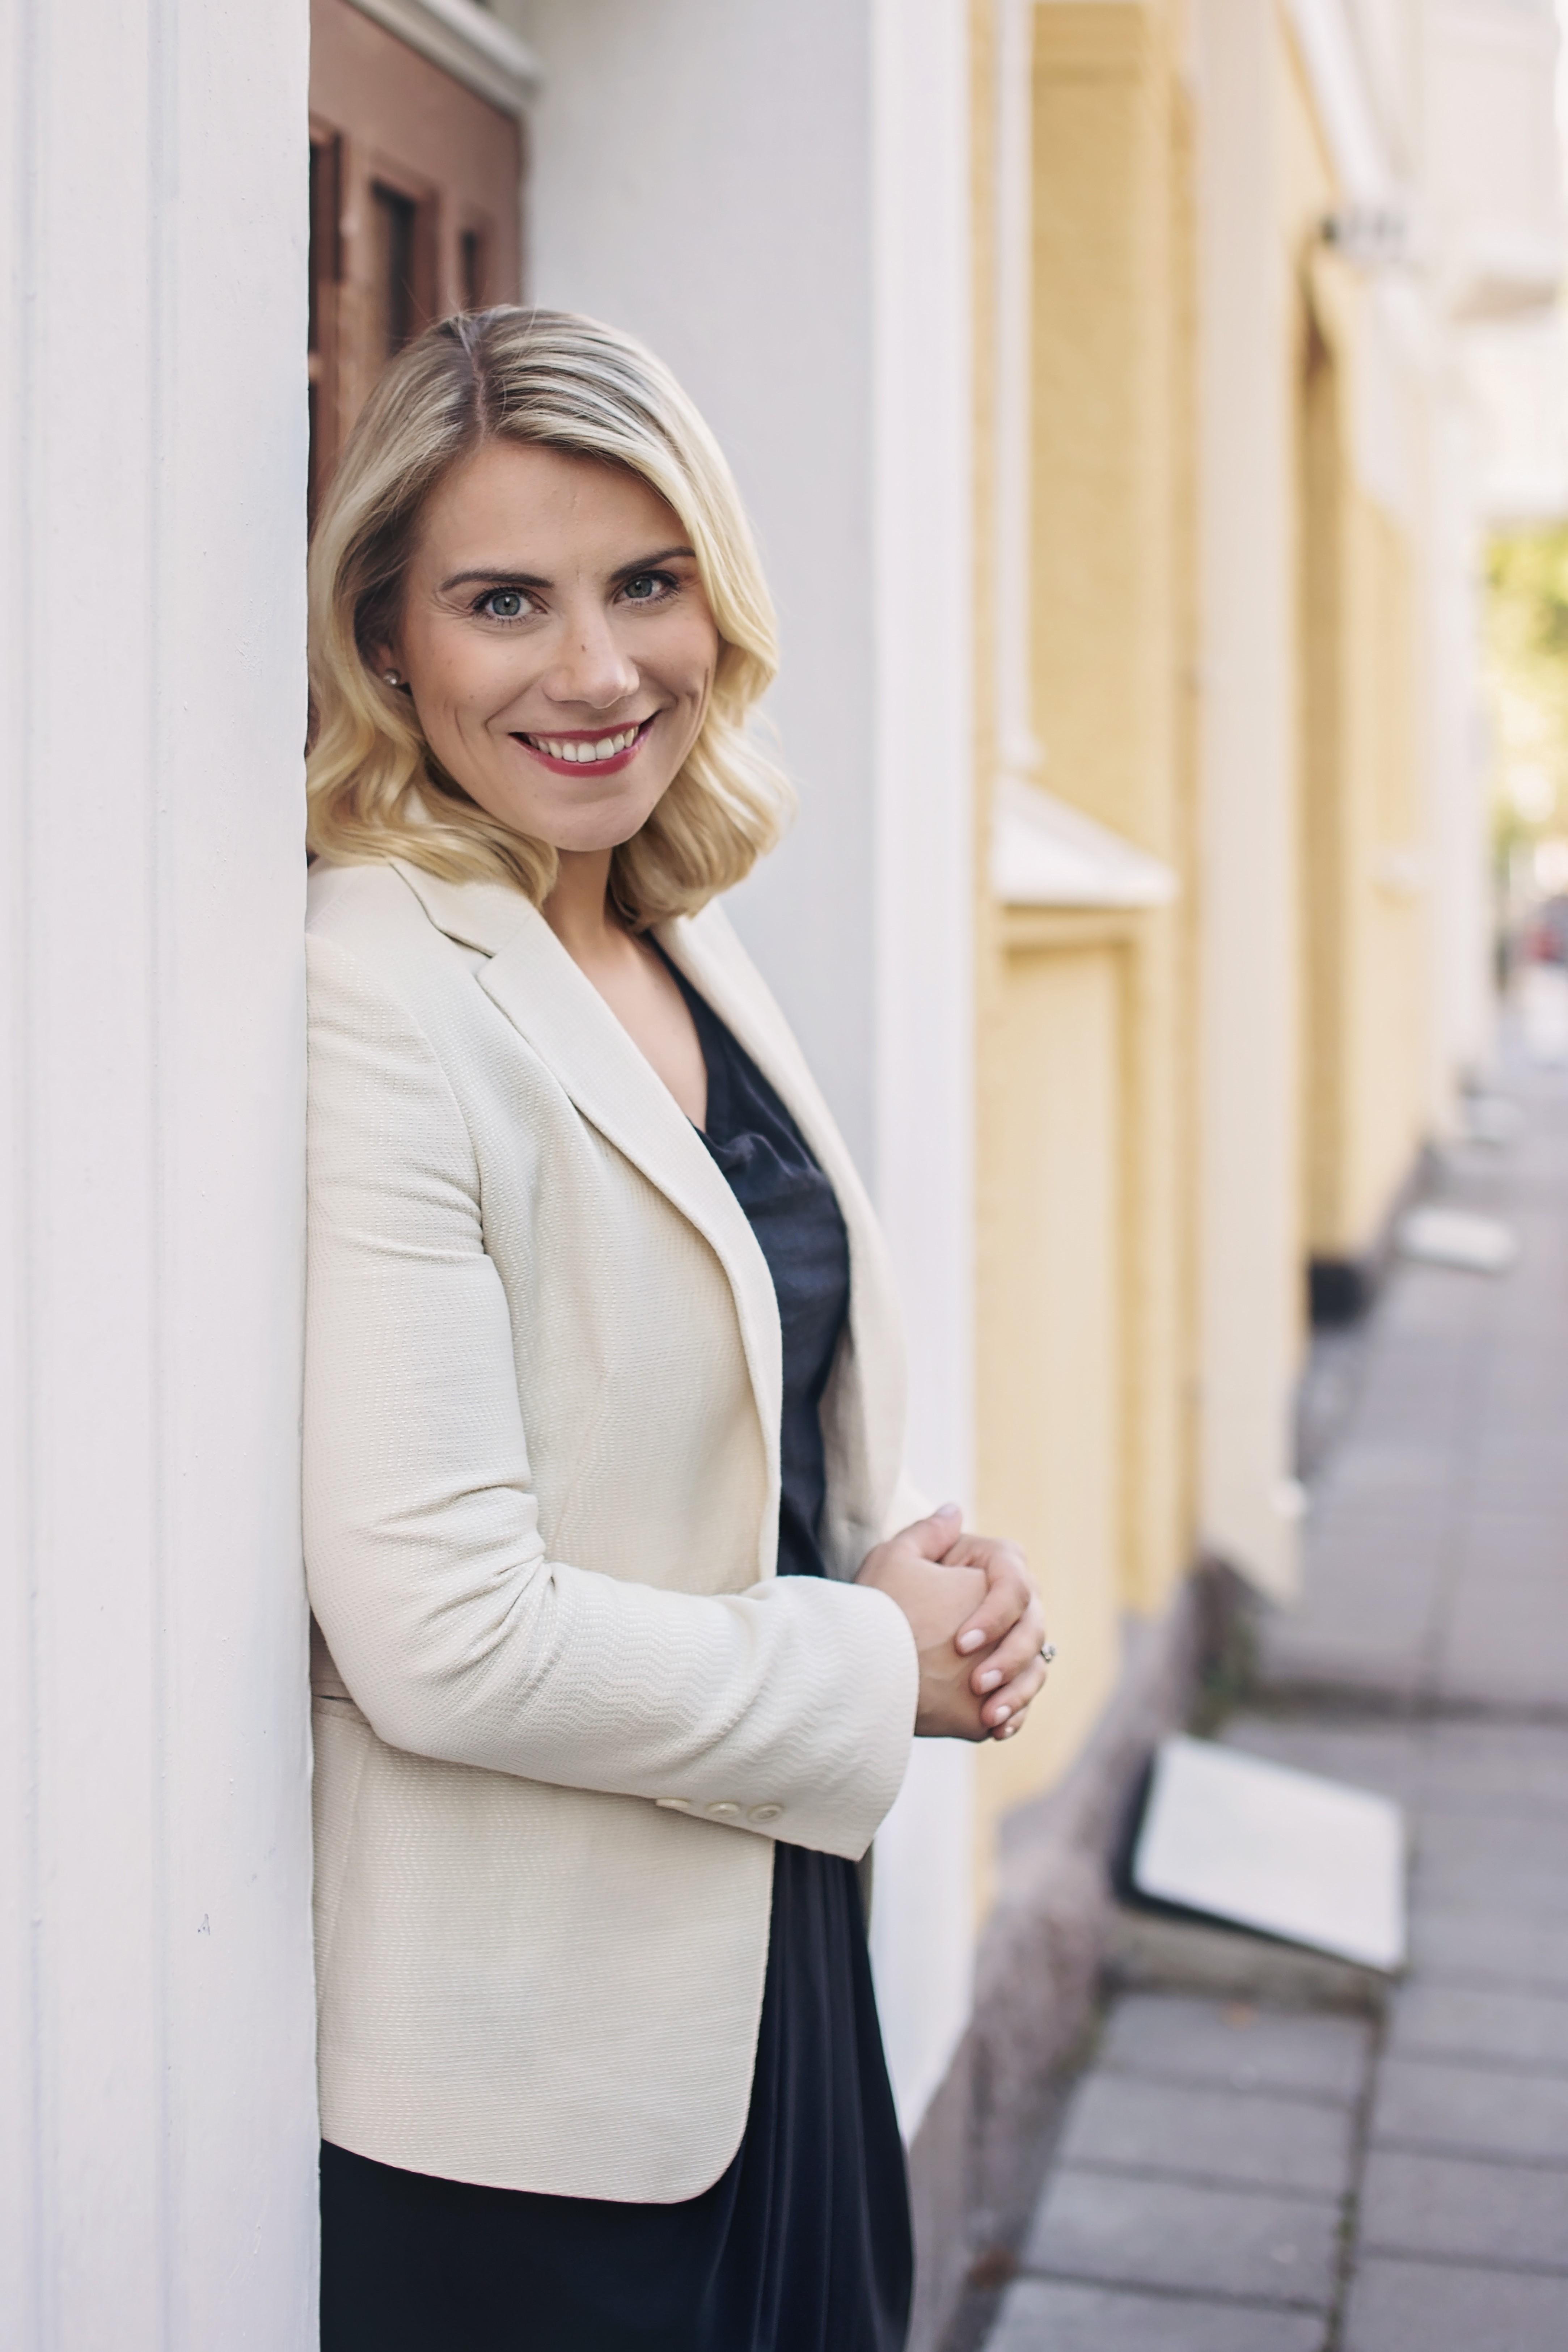 Saara-Sofia Sirén